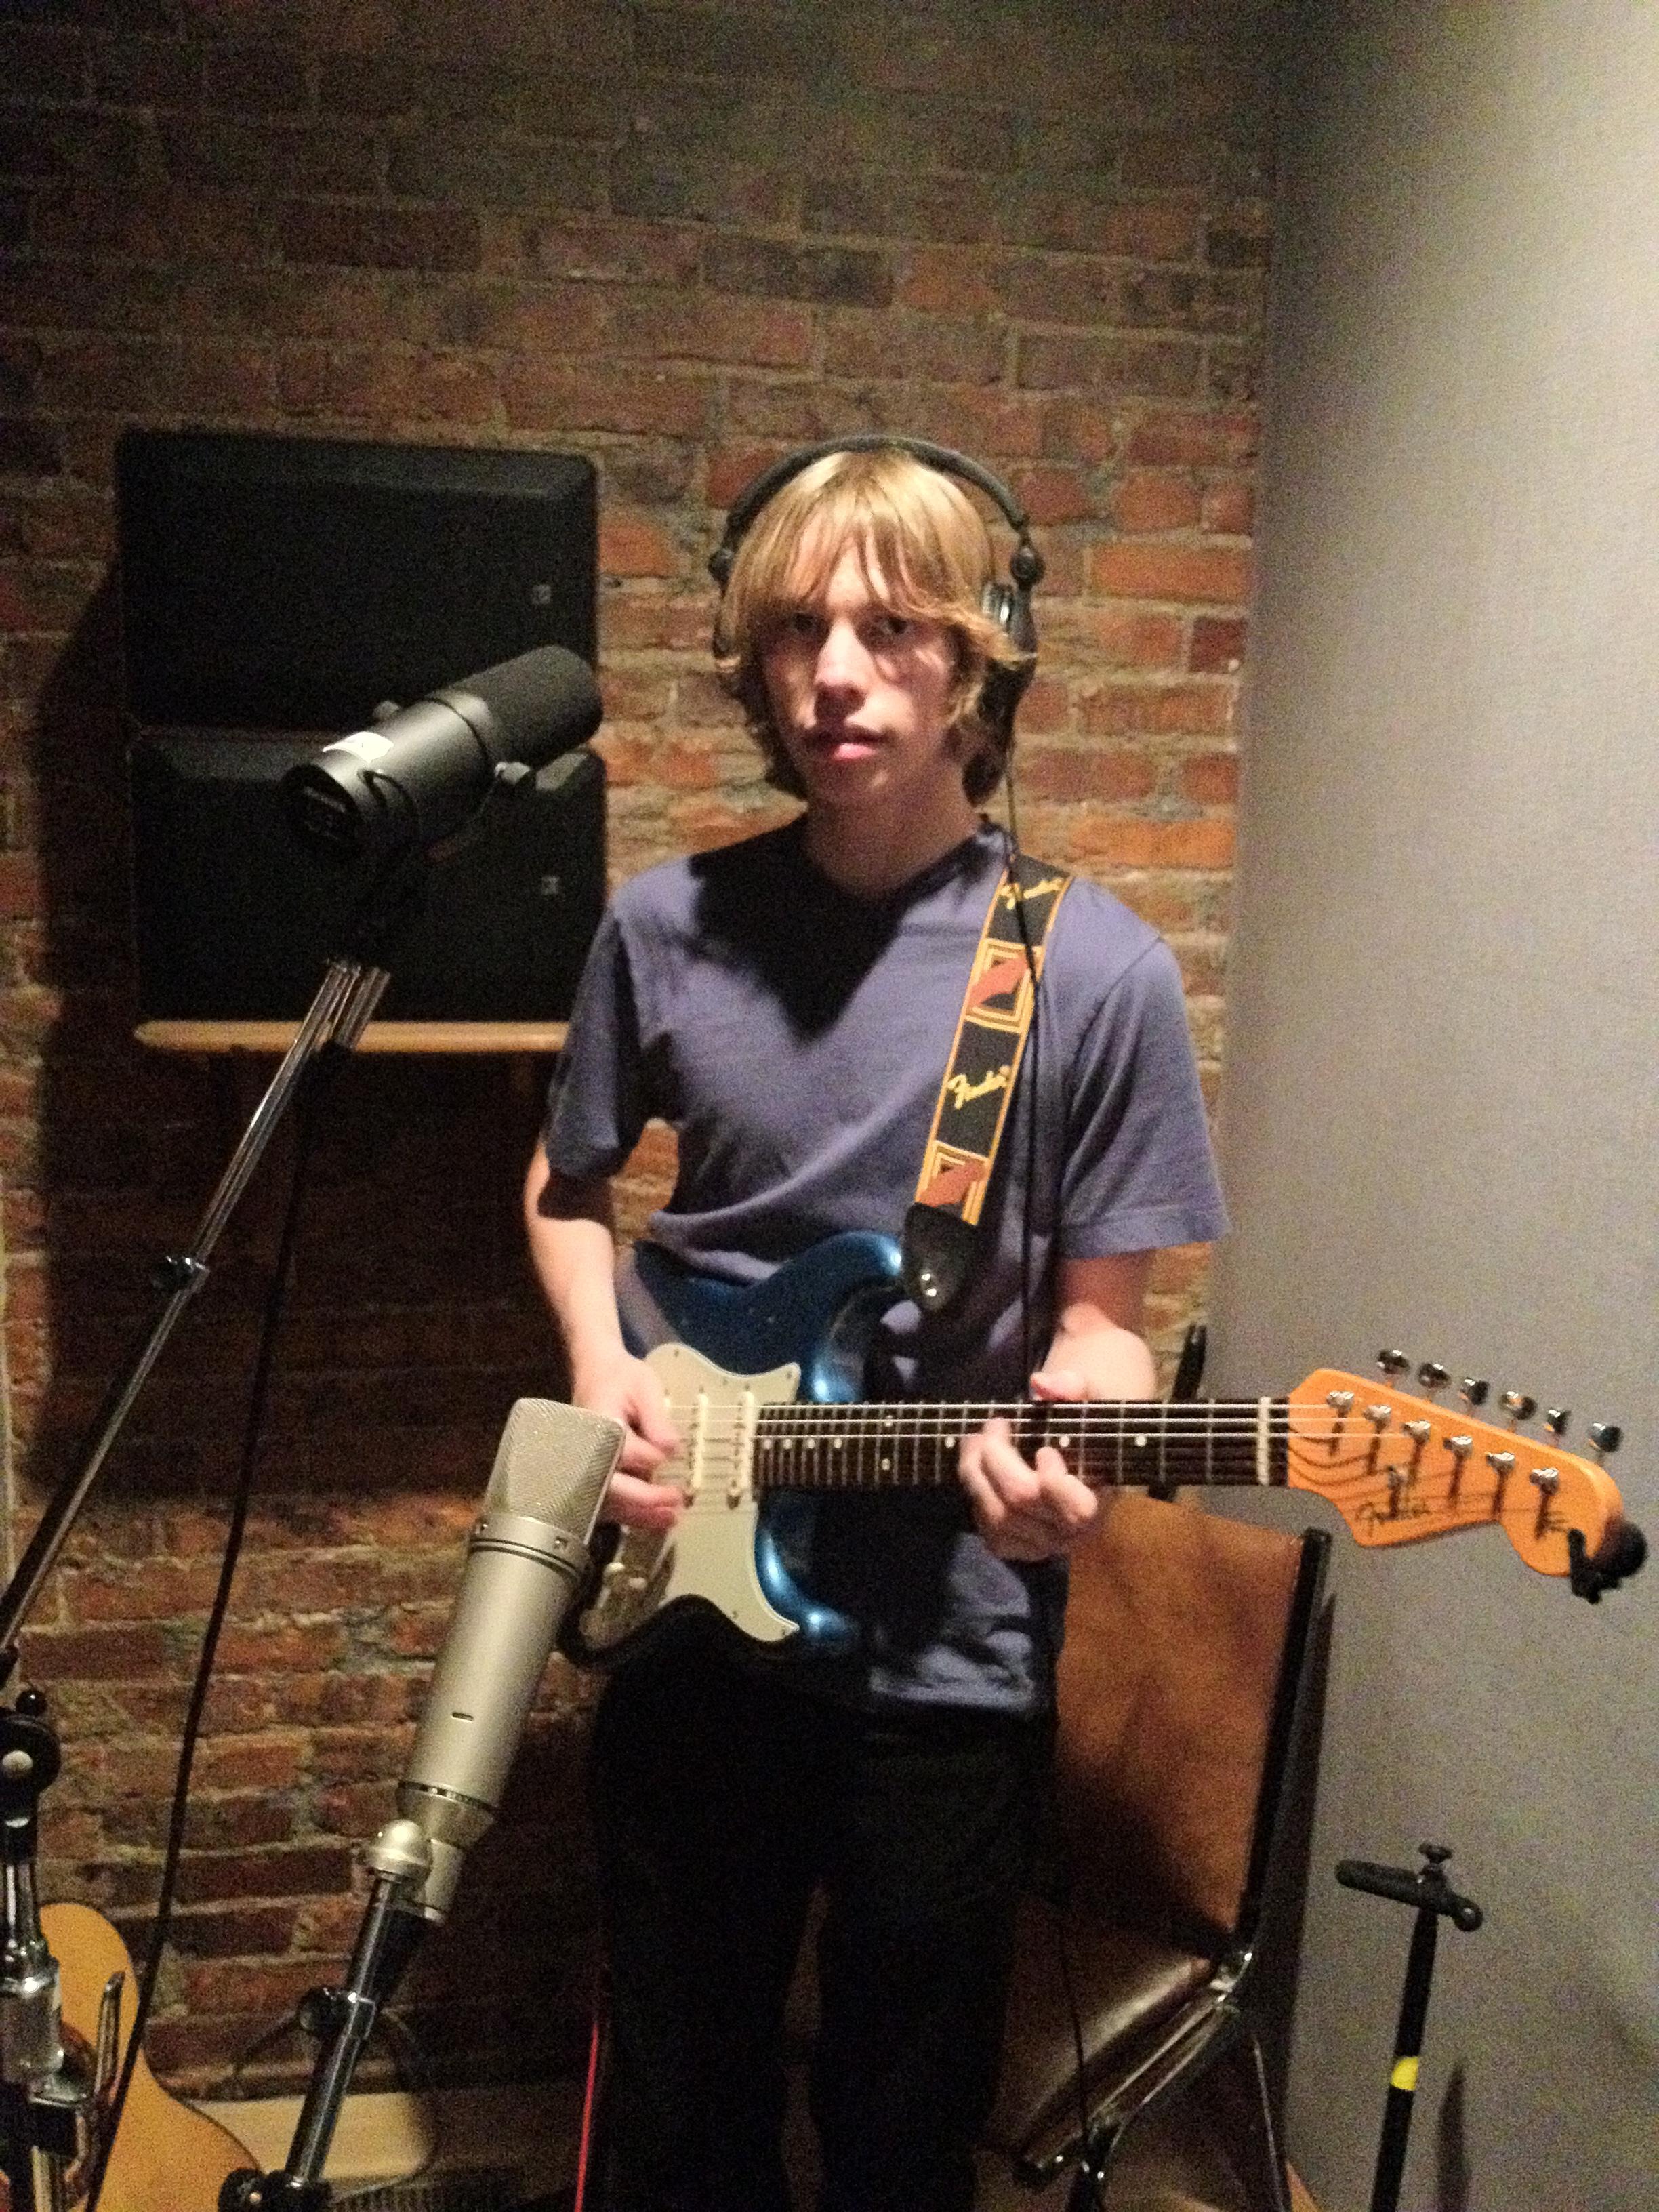 Brian in recording kiosk, House of David.